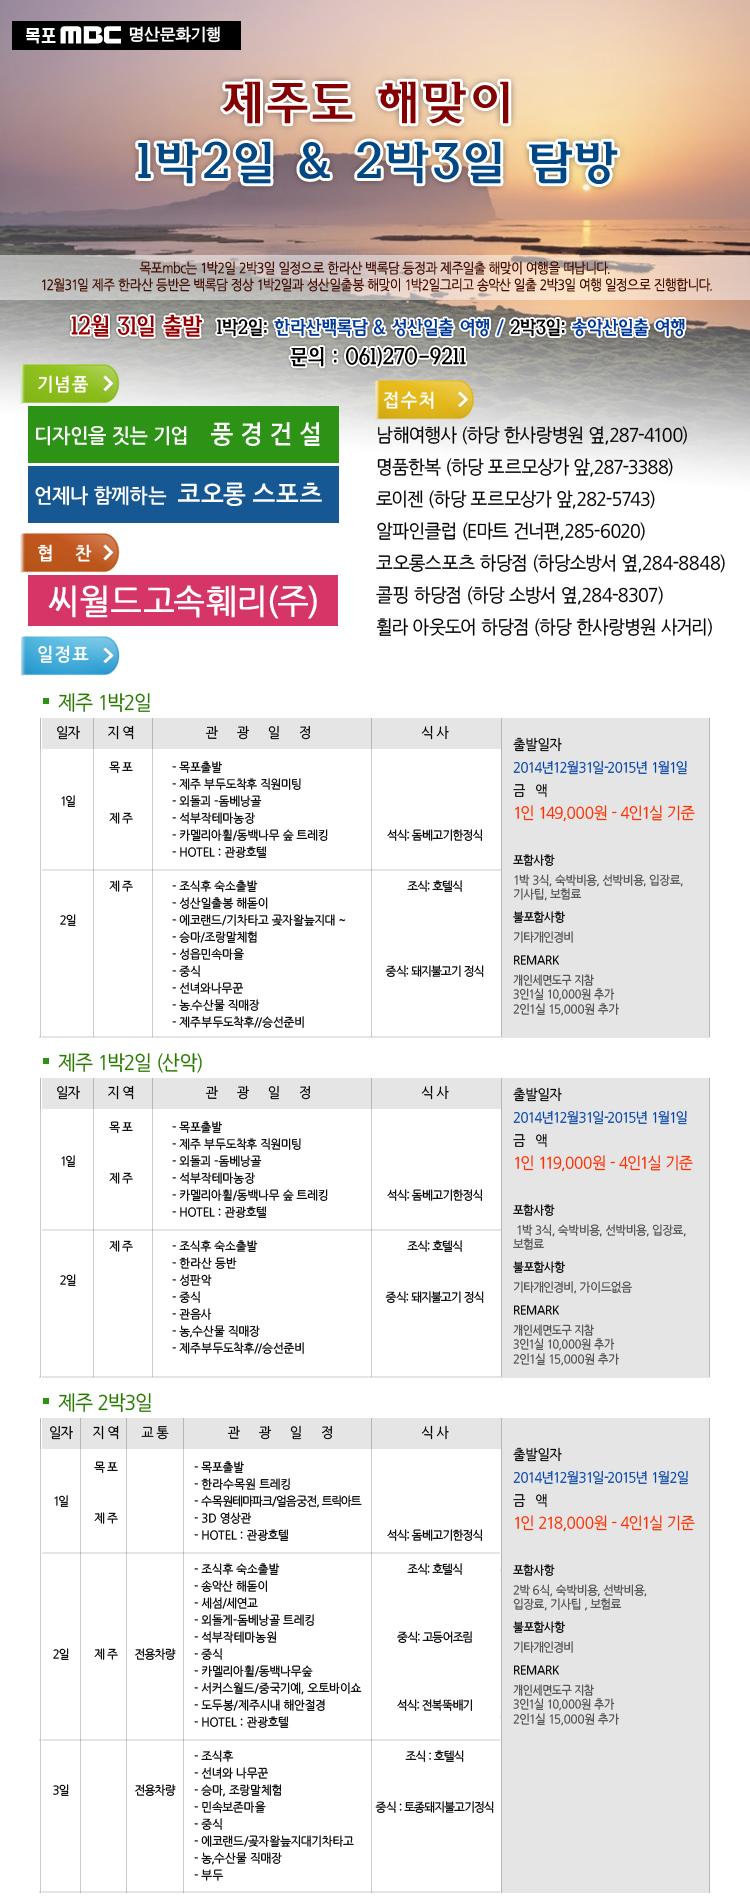 제주도 해맞이 1박2일 & 2박3일 탐방 행사정보